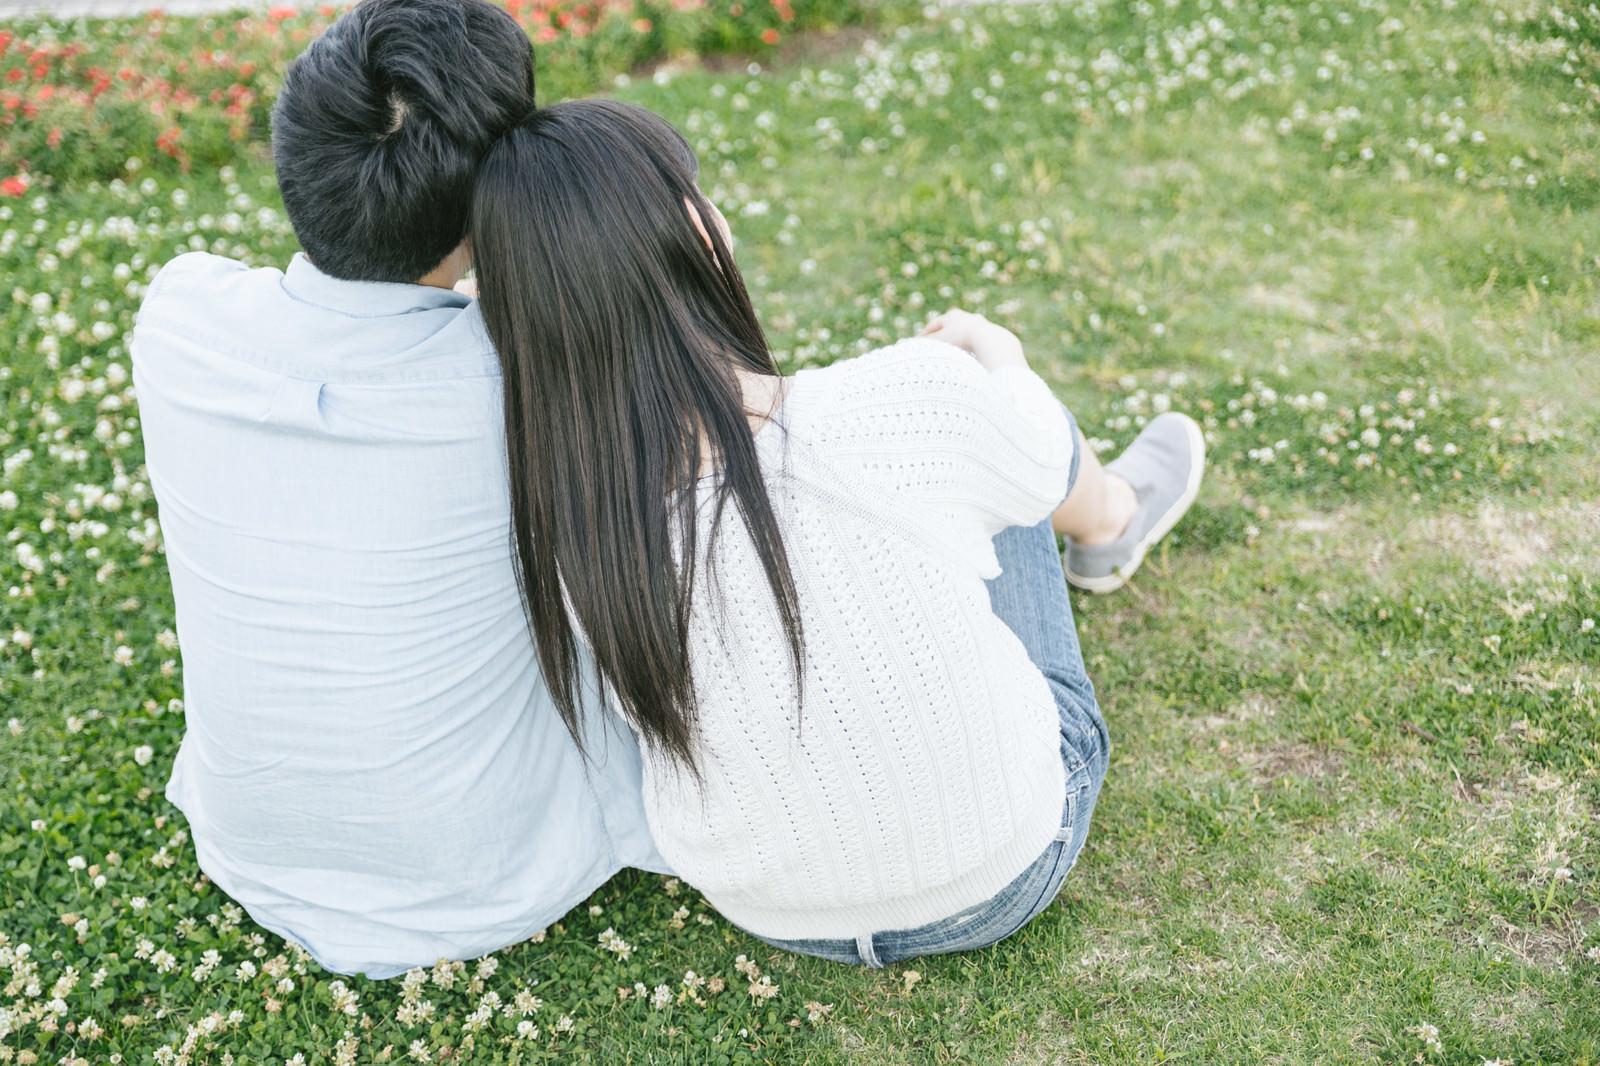 「彼氏の肩にもたれる(恋人)彼氏の肩にもたれる(恋人)」[モデル:たけべともこ]のフリー写真素材を拡大